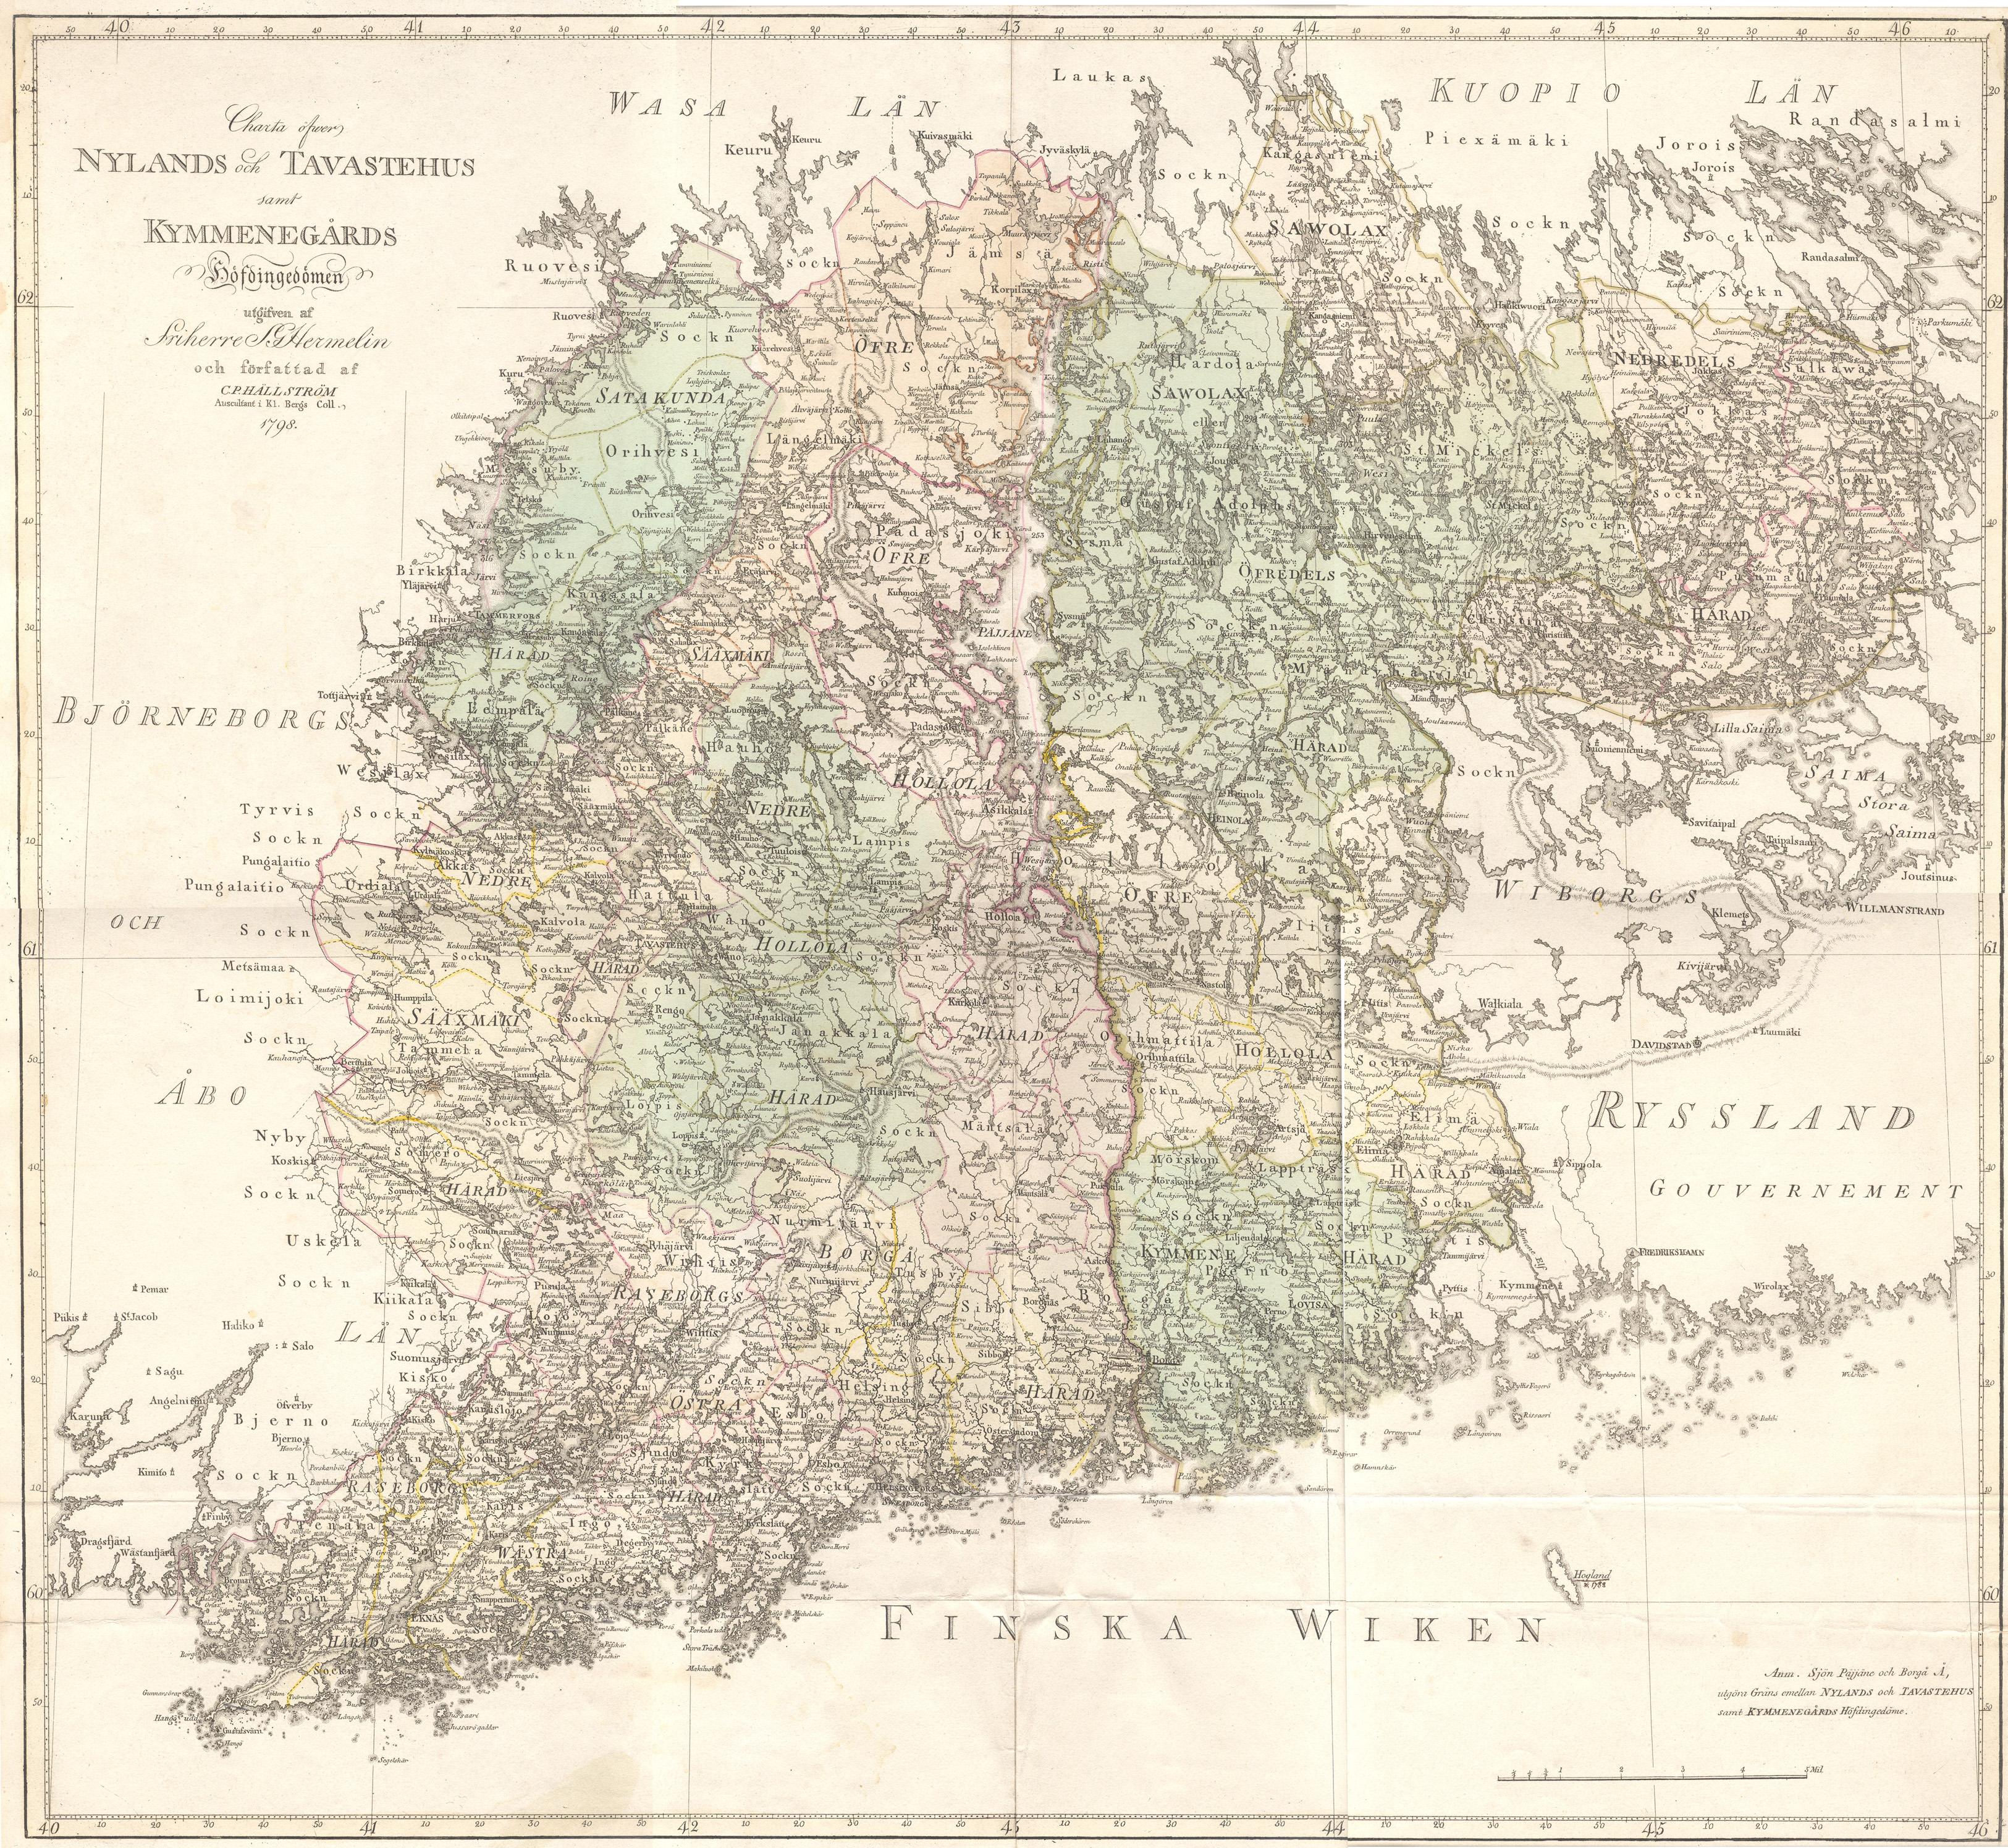 Karttakokoelmat Kotimaisten Kielten Keskus